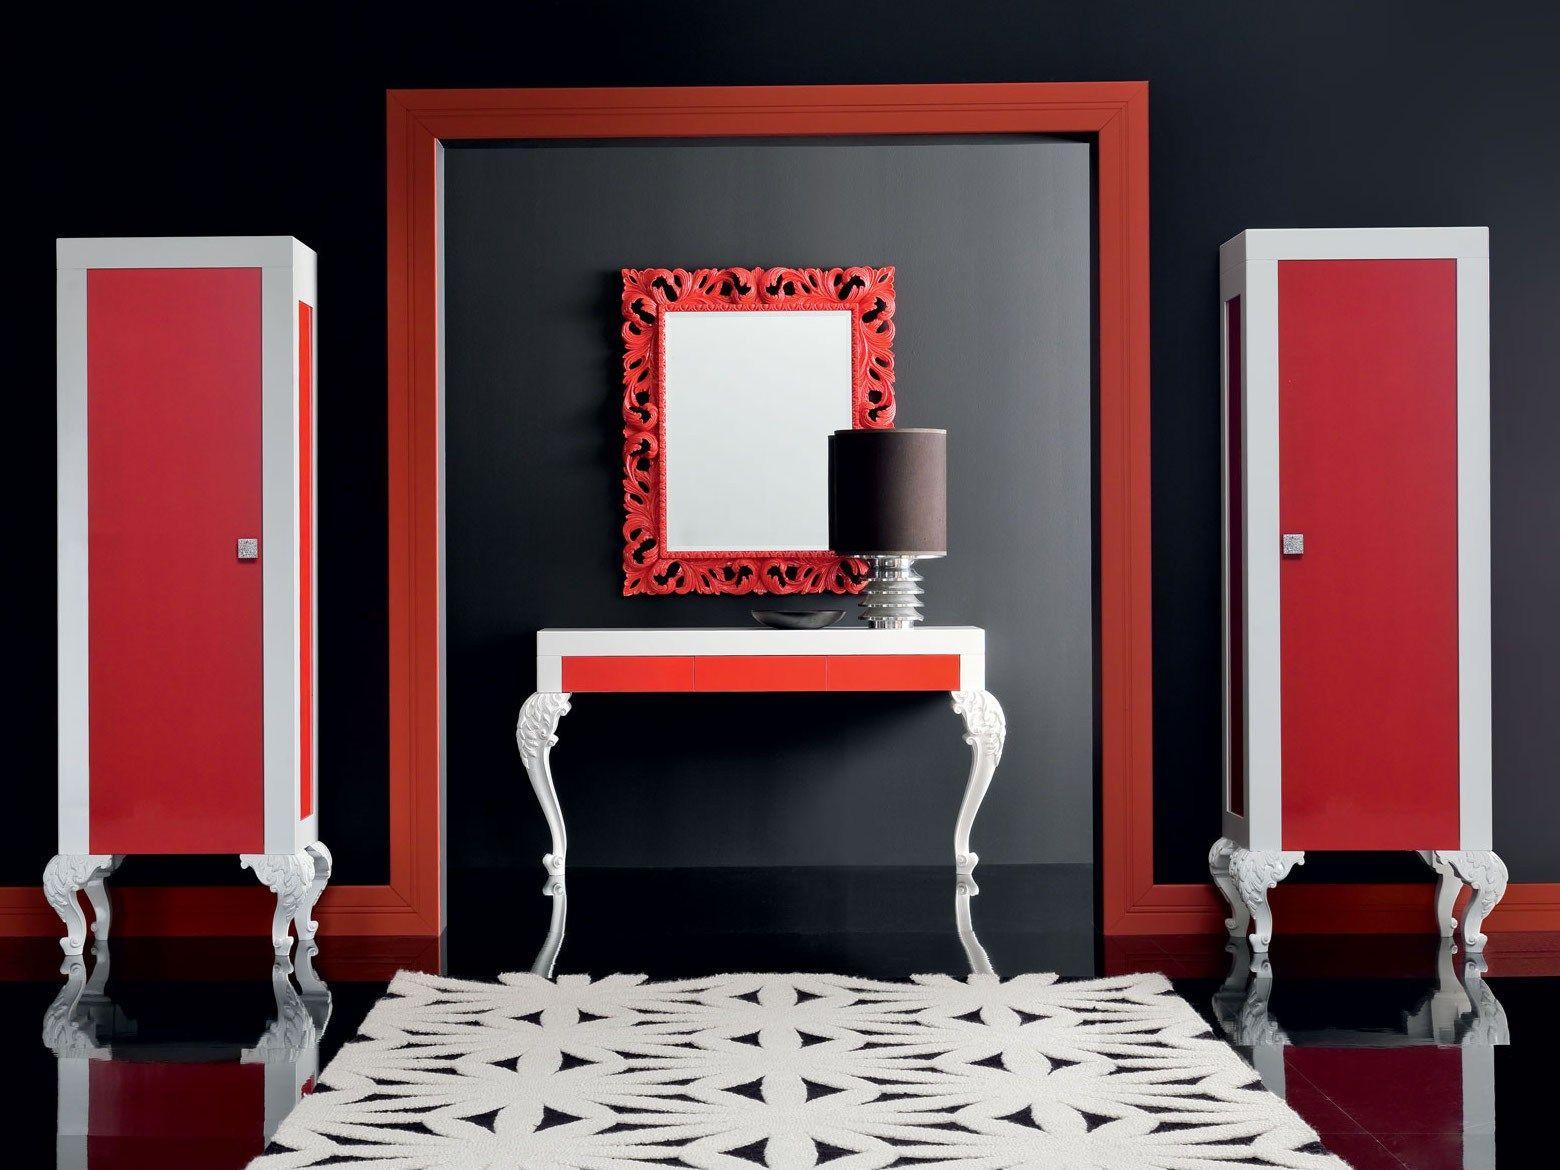 Minimal baroque meuble d 39 entr e by modenese gastone group Meuble d entree style baroque